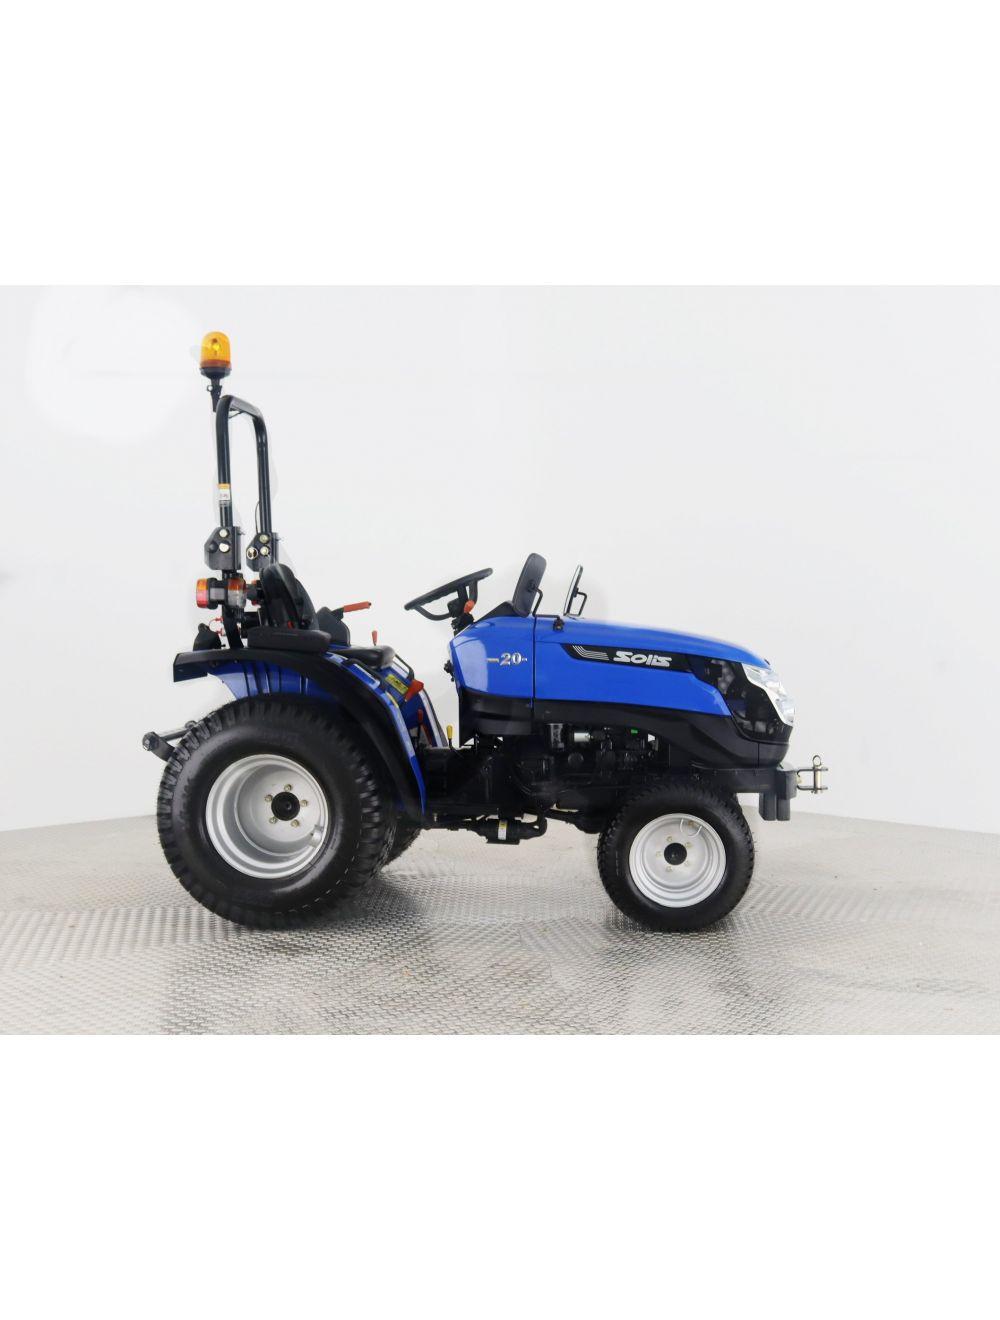 SOLIS 20 4WD Tractor